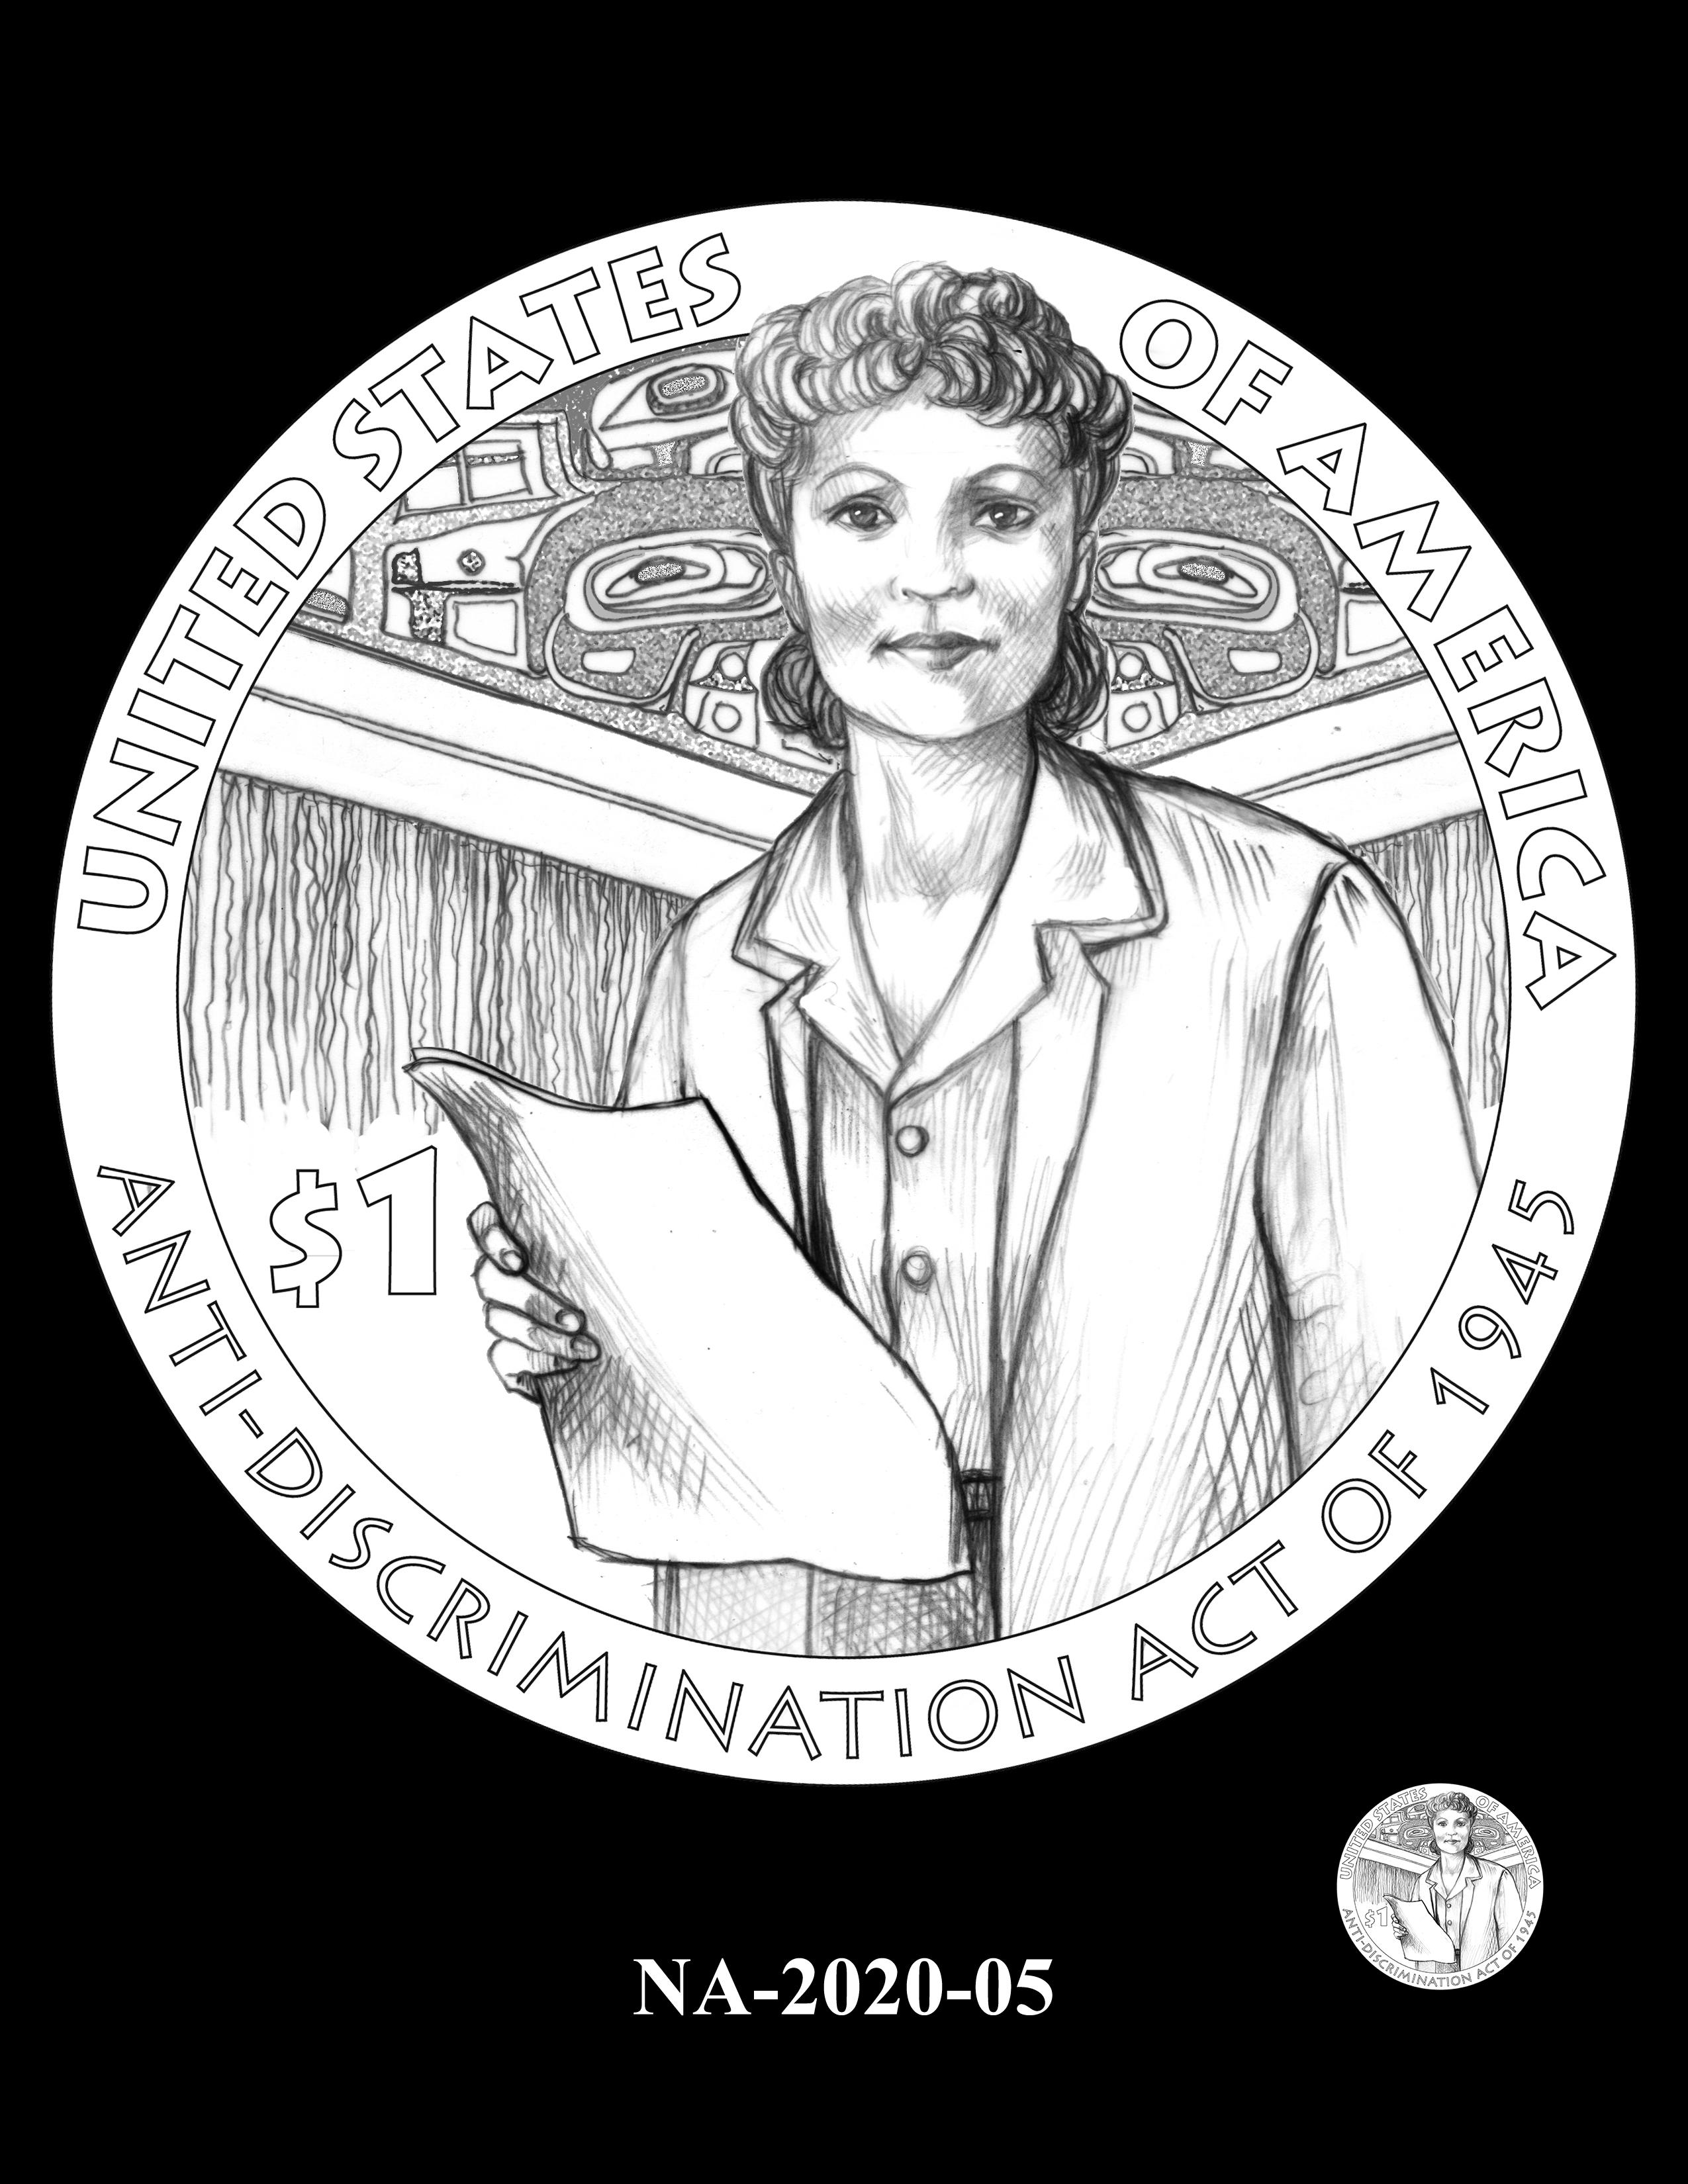 NA-2020-05 --2020 Native American $1 Coin